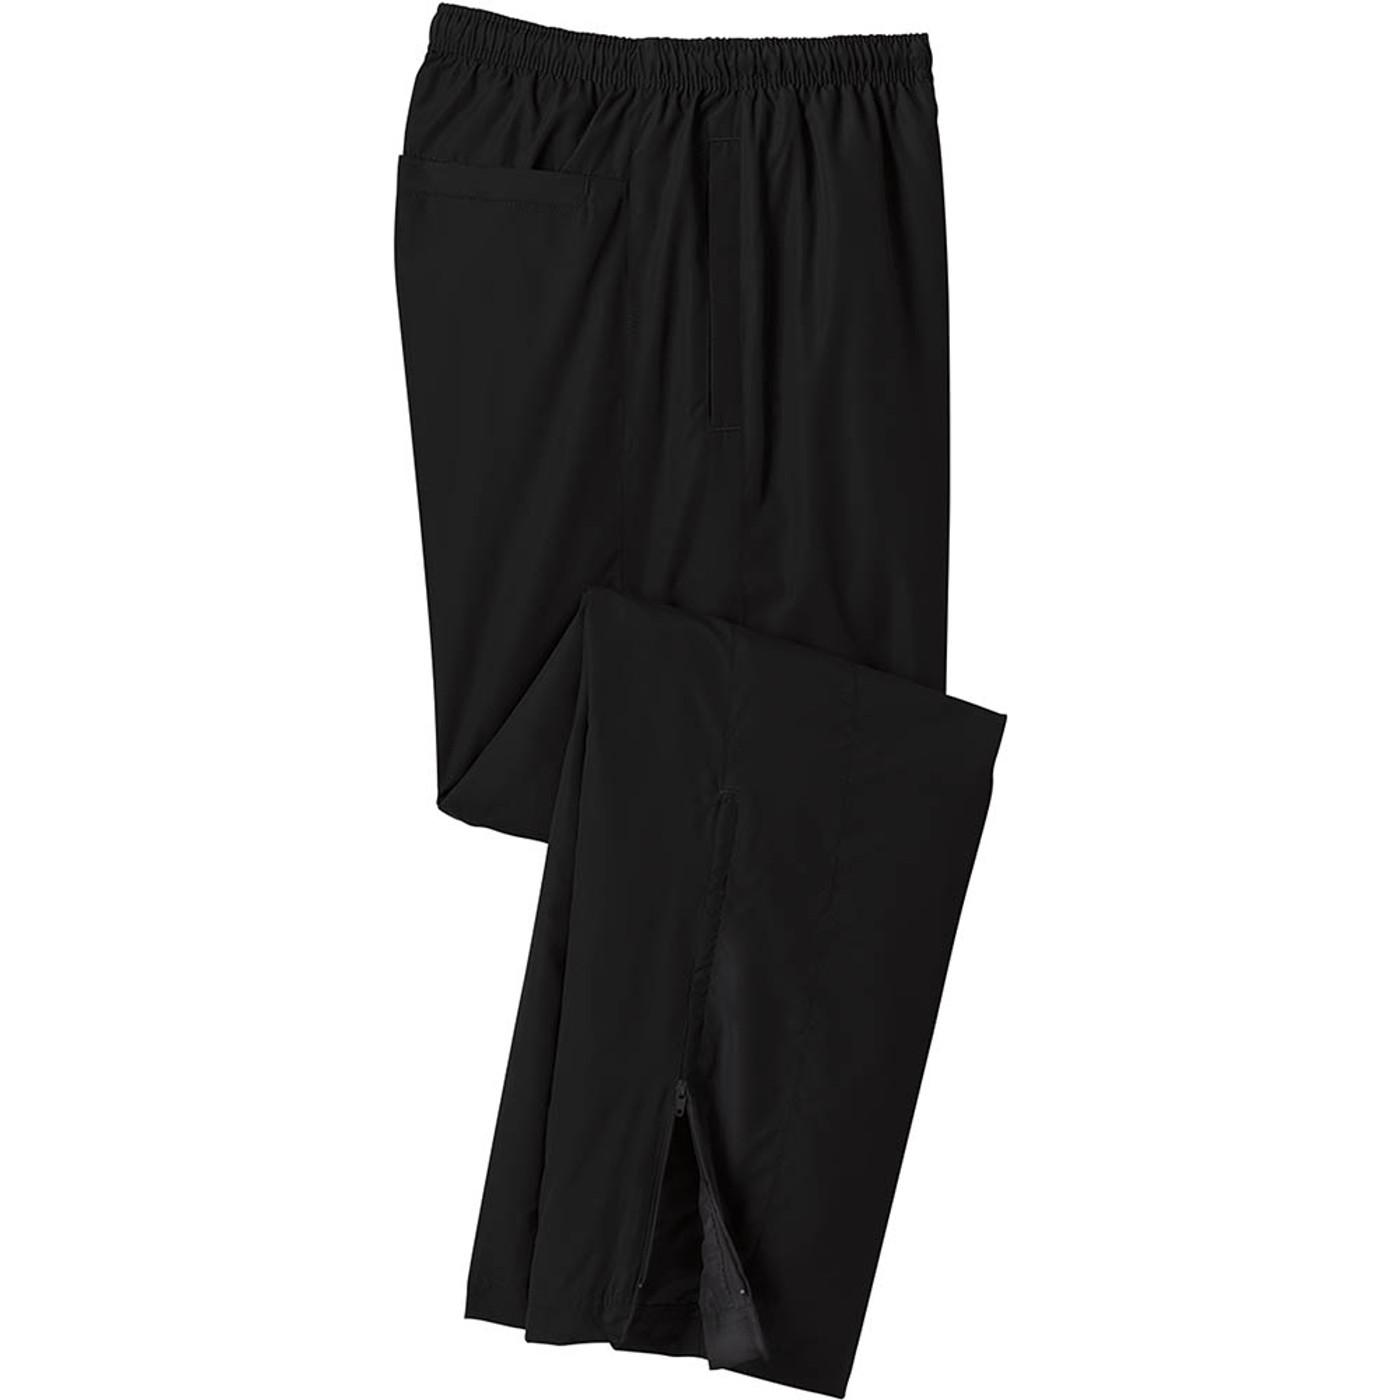 1197P Black Value Warm-Up Pant